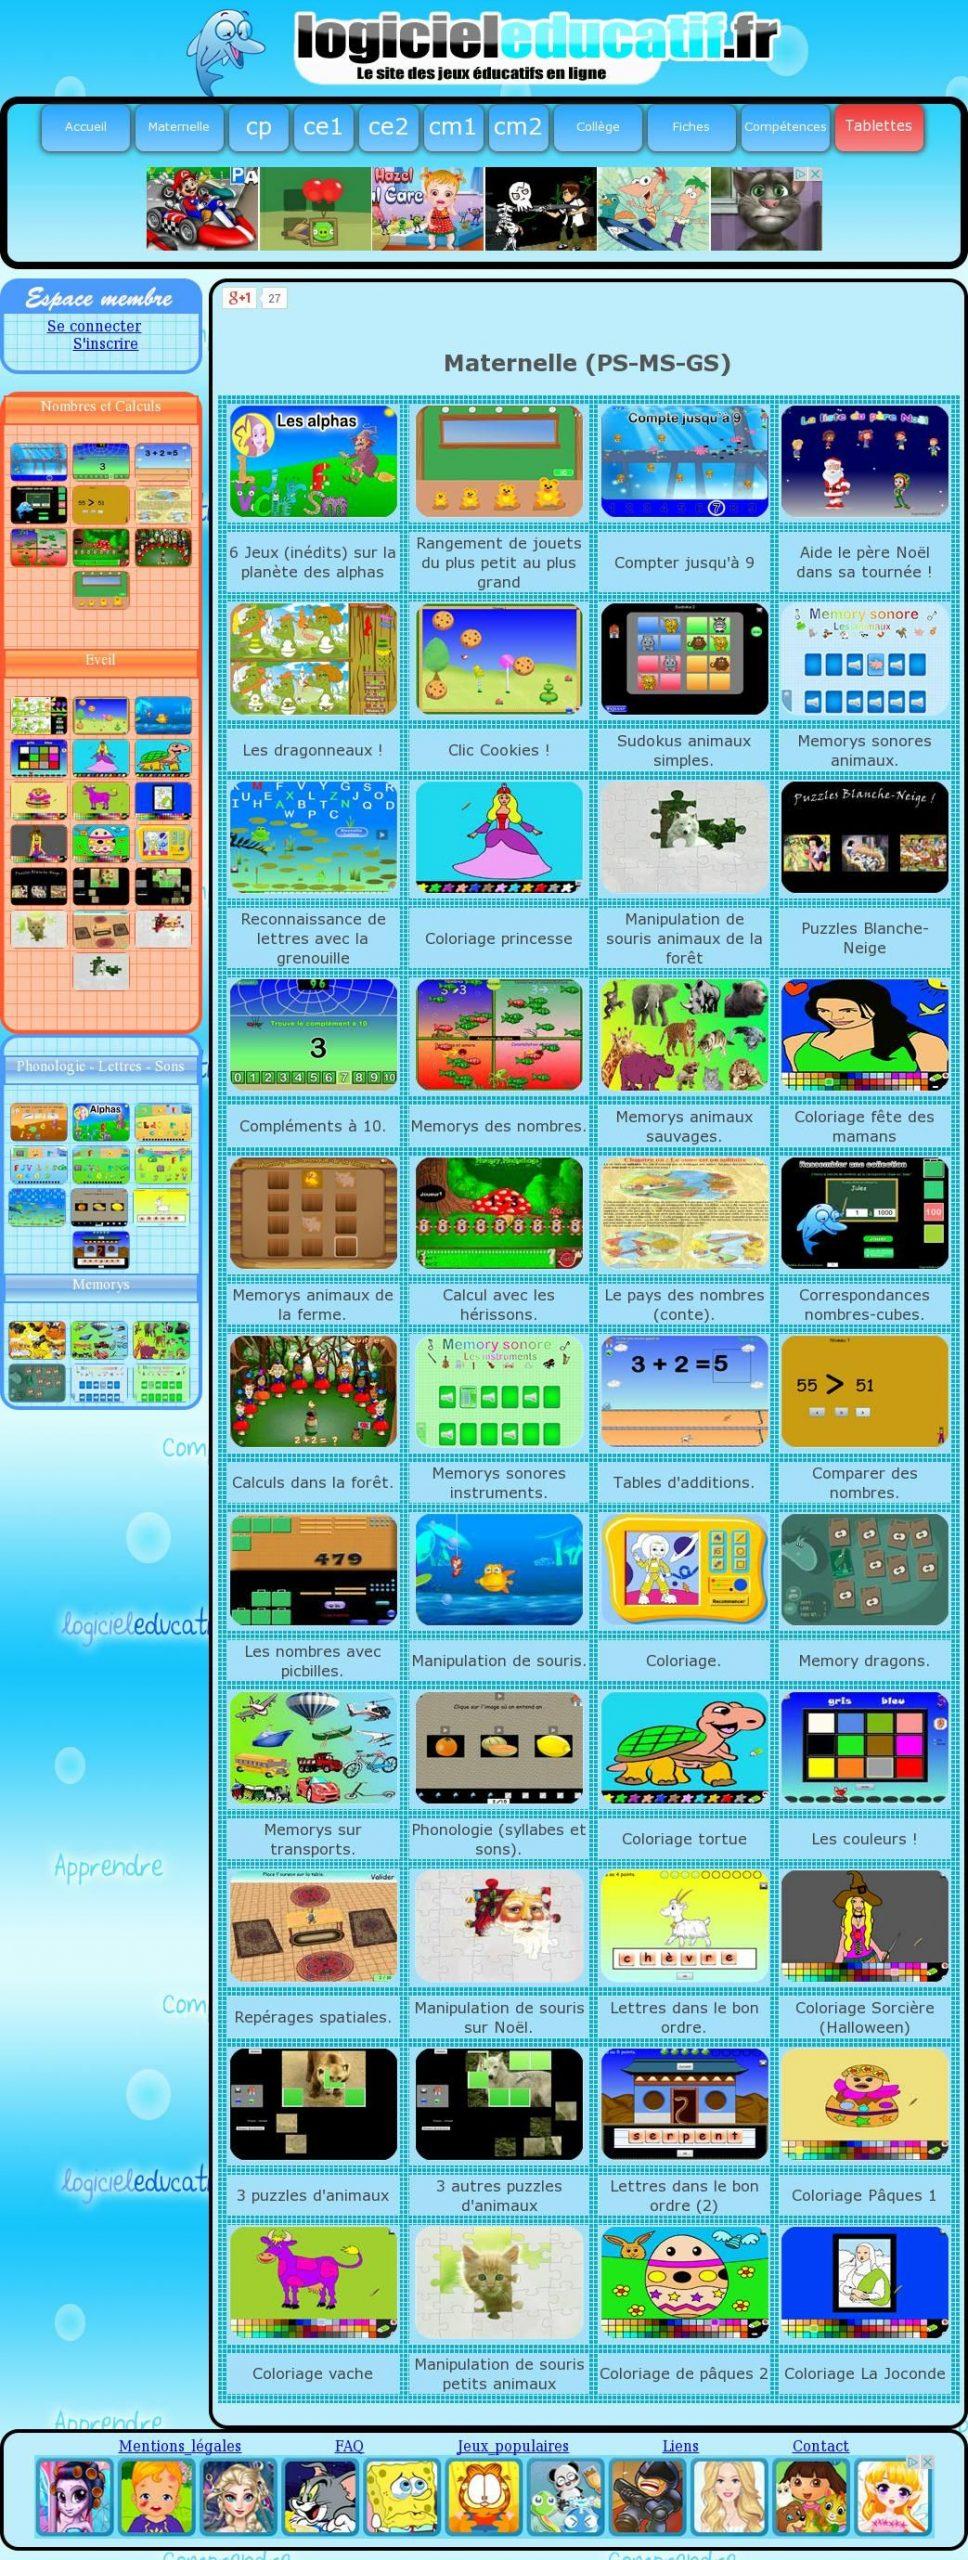 Logiciel Éducatif : Jeux Éducatifs Gratuits En Ligne De La avec Jeux Educatif Gratuit Maternelle